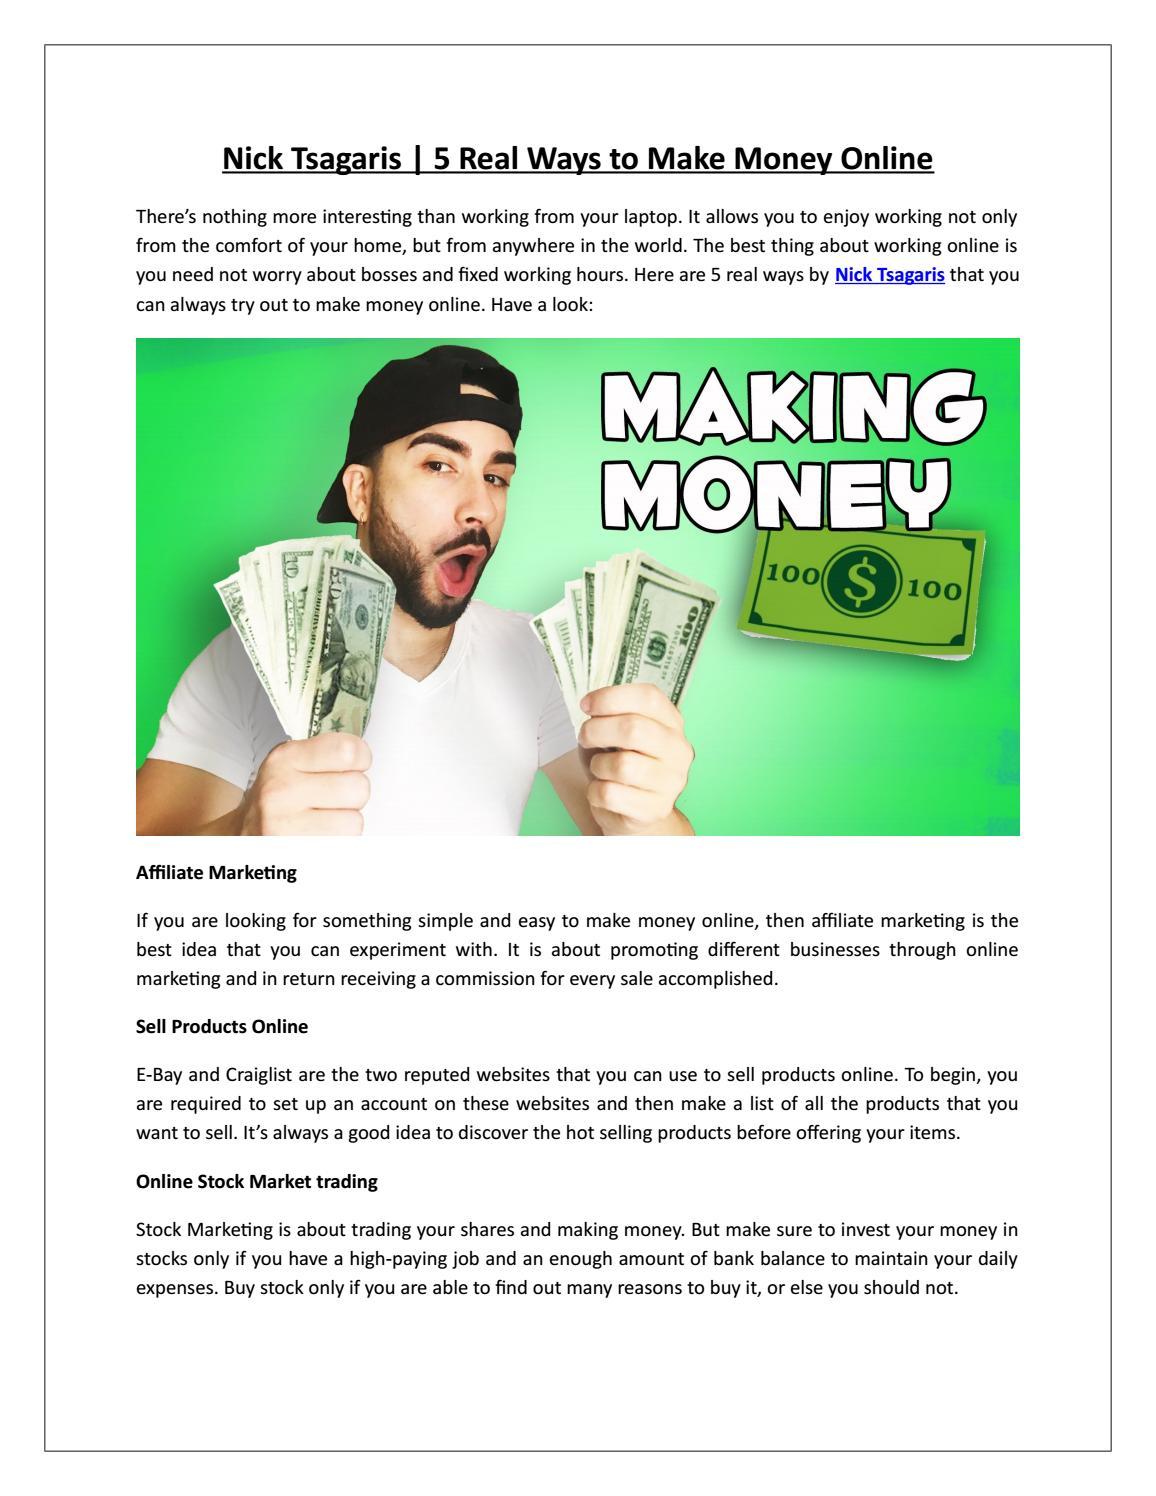 64a898a633 Nick Tsagaris   5 Real Ways to Make Money Online by NickTsagaris - issuu